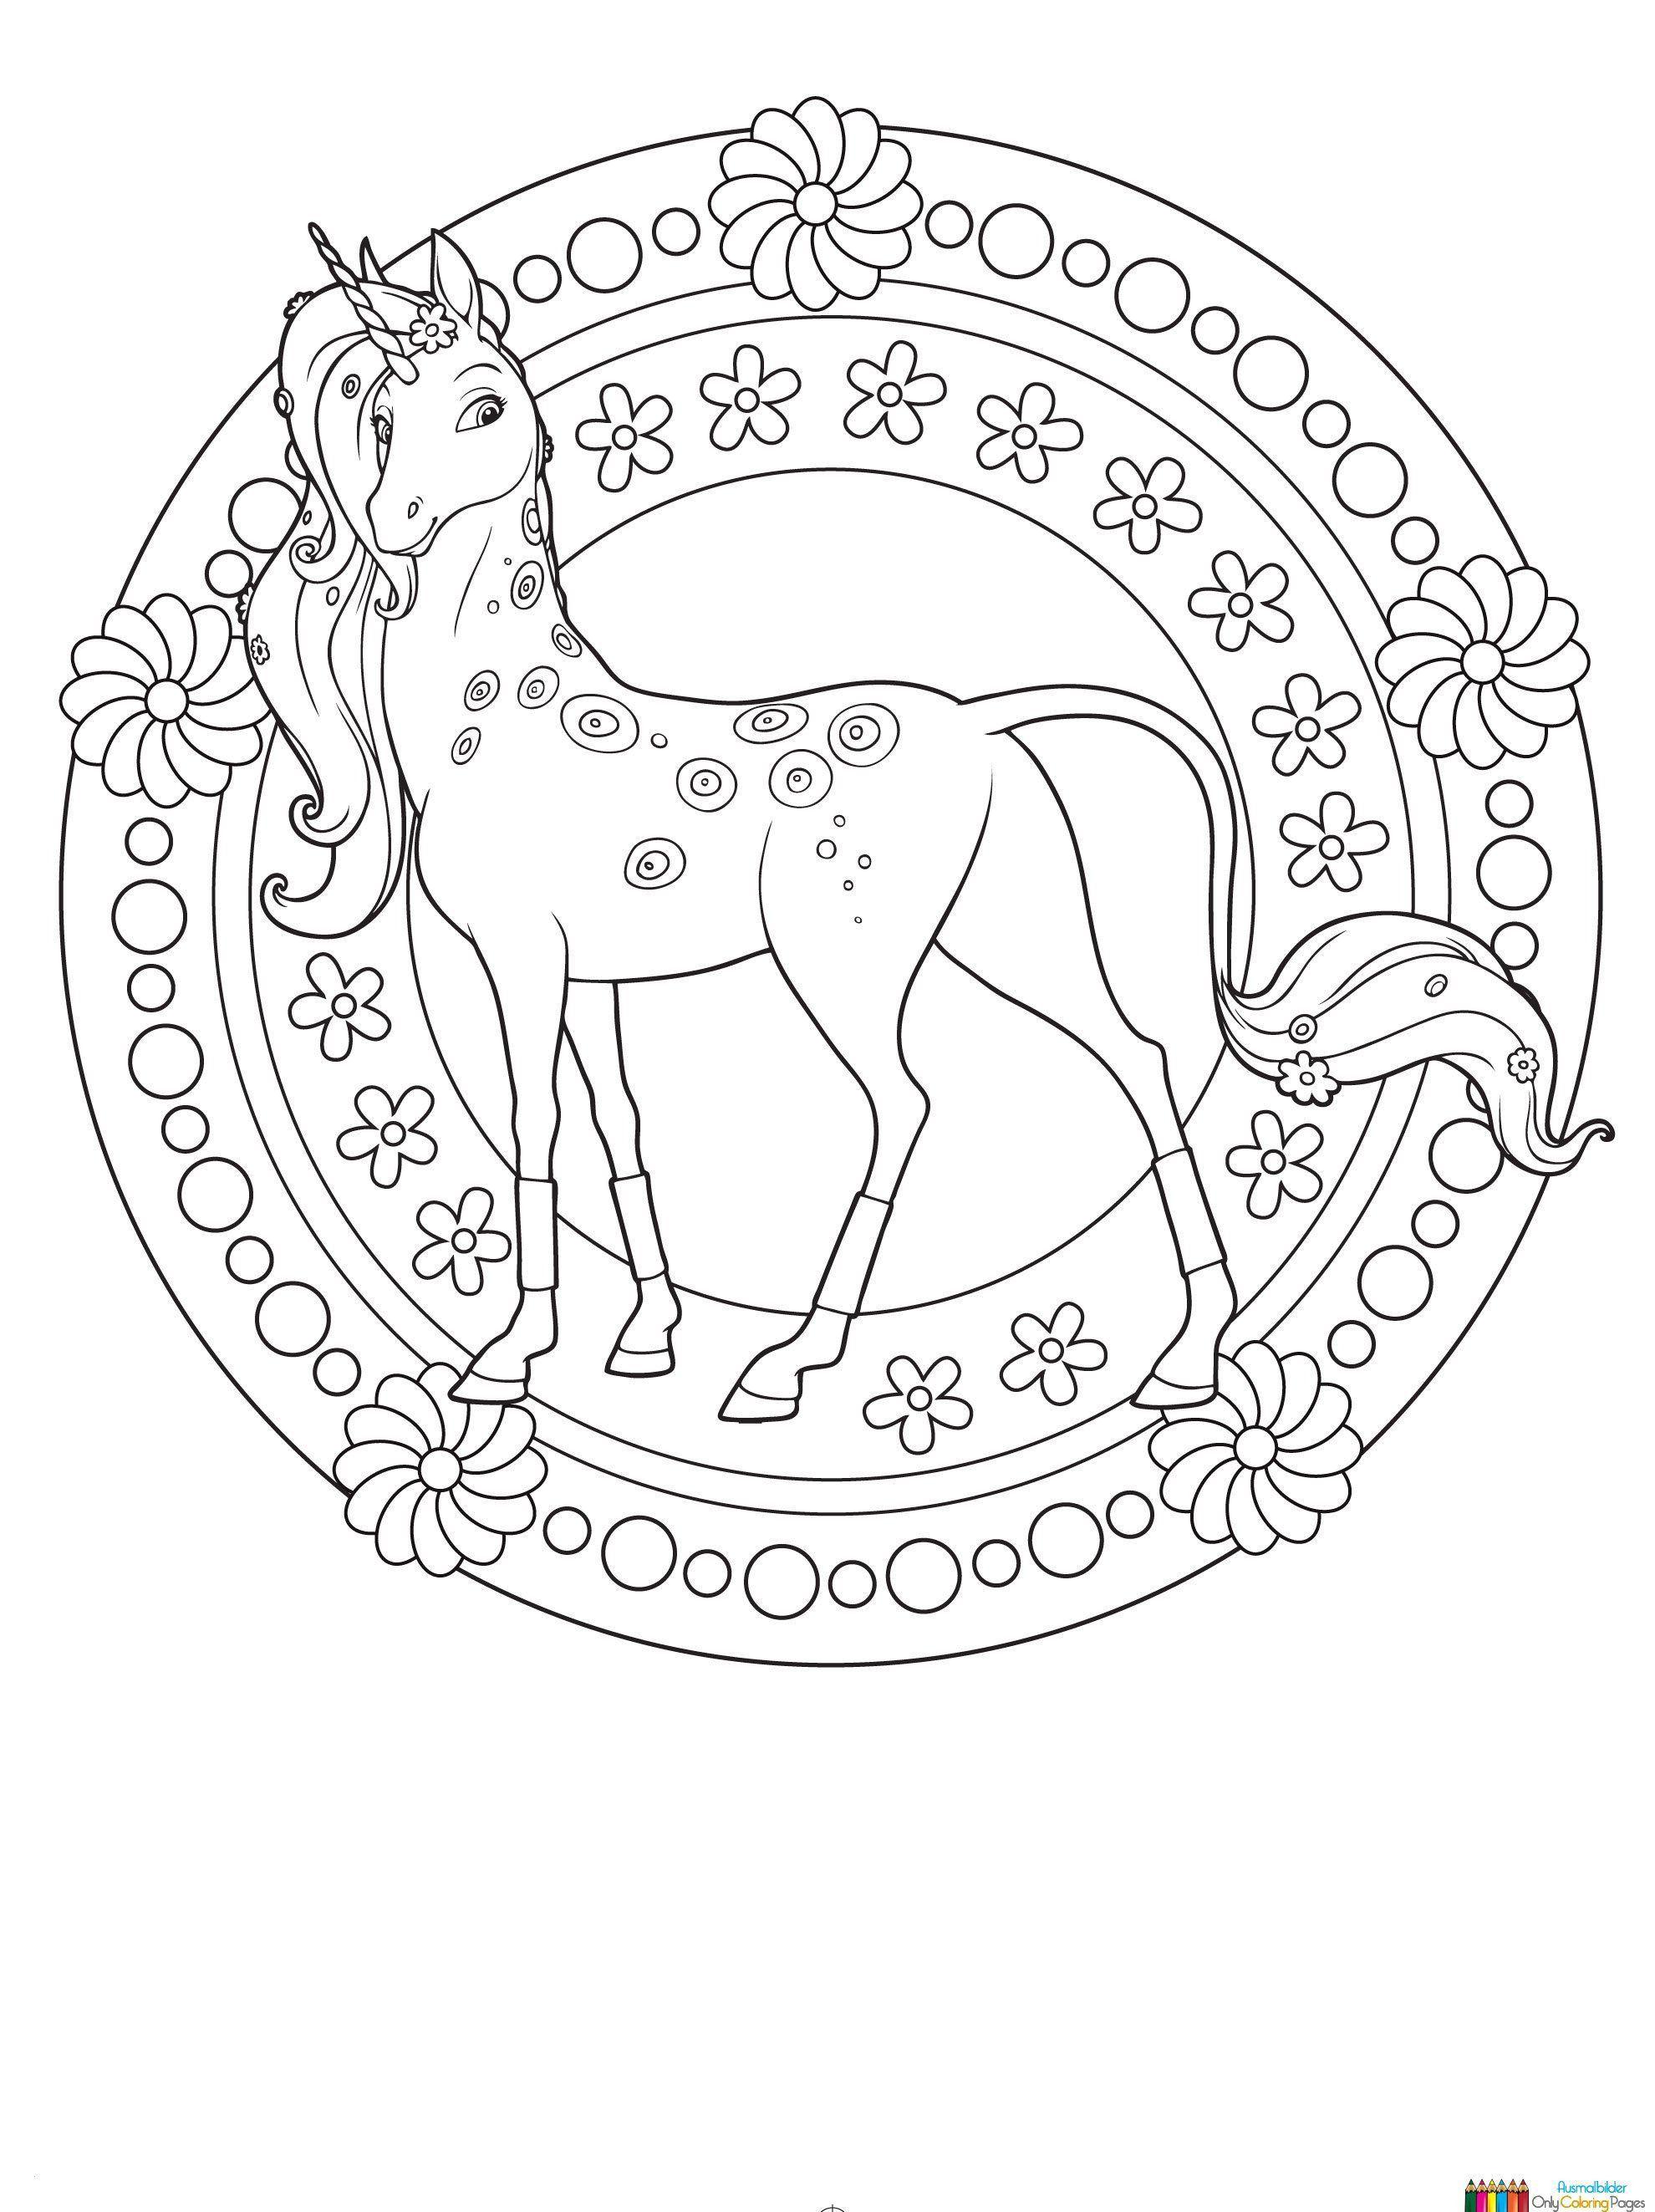 99 Einzigartig Pippi Langstrumpf Ausmalbilder Galerie Ausmalbilder Einhorn Zum Ausmalen Ausmalbilder Pferde Zum Ausdrucken